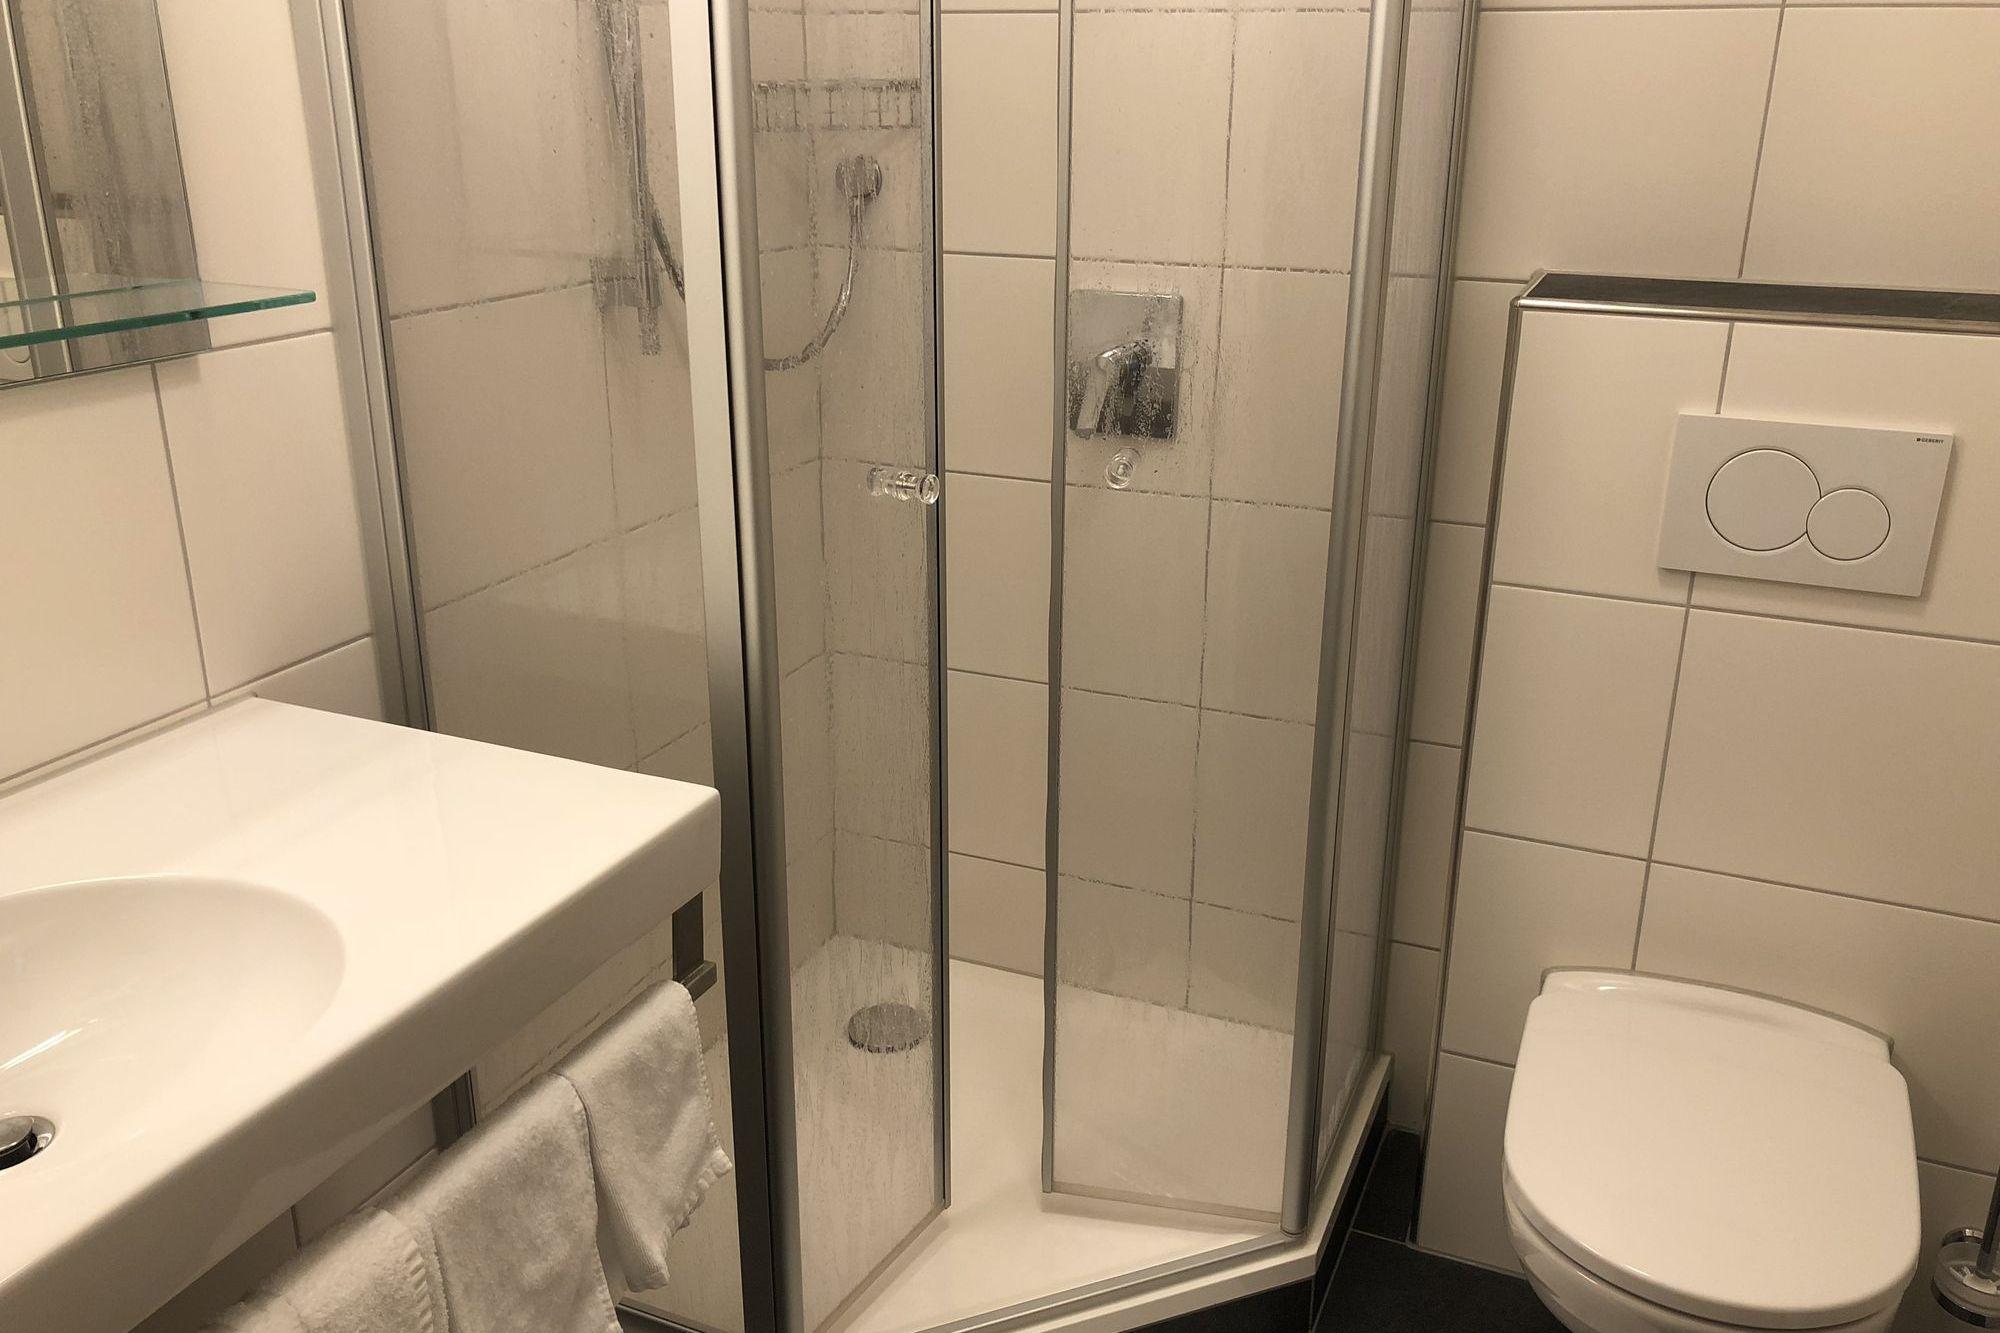 https://www.hotelbinder.de/wp-content/uploads/doppelzimmer1_4.jpg